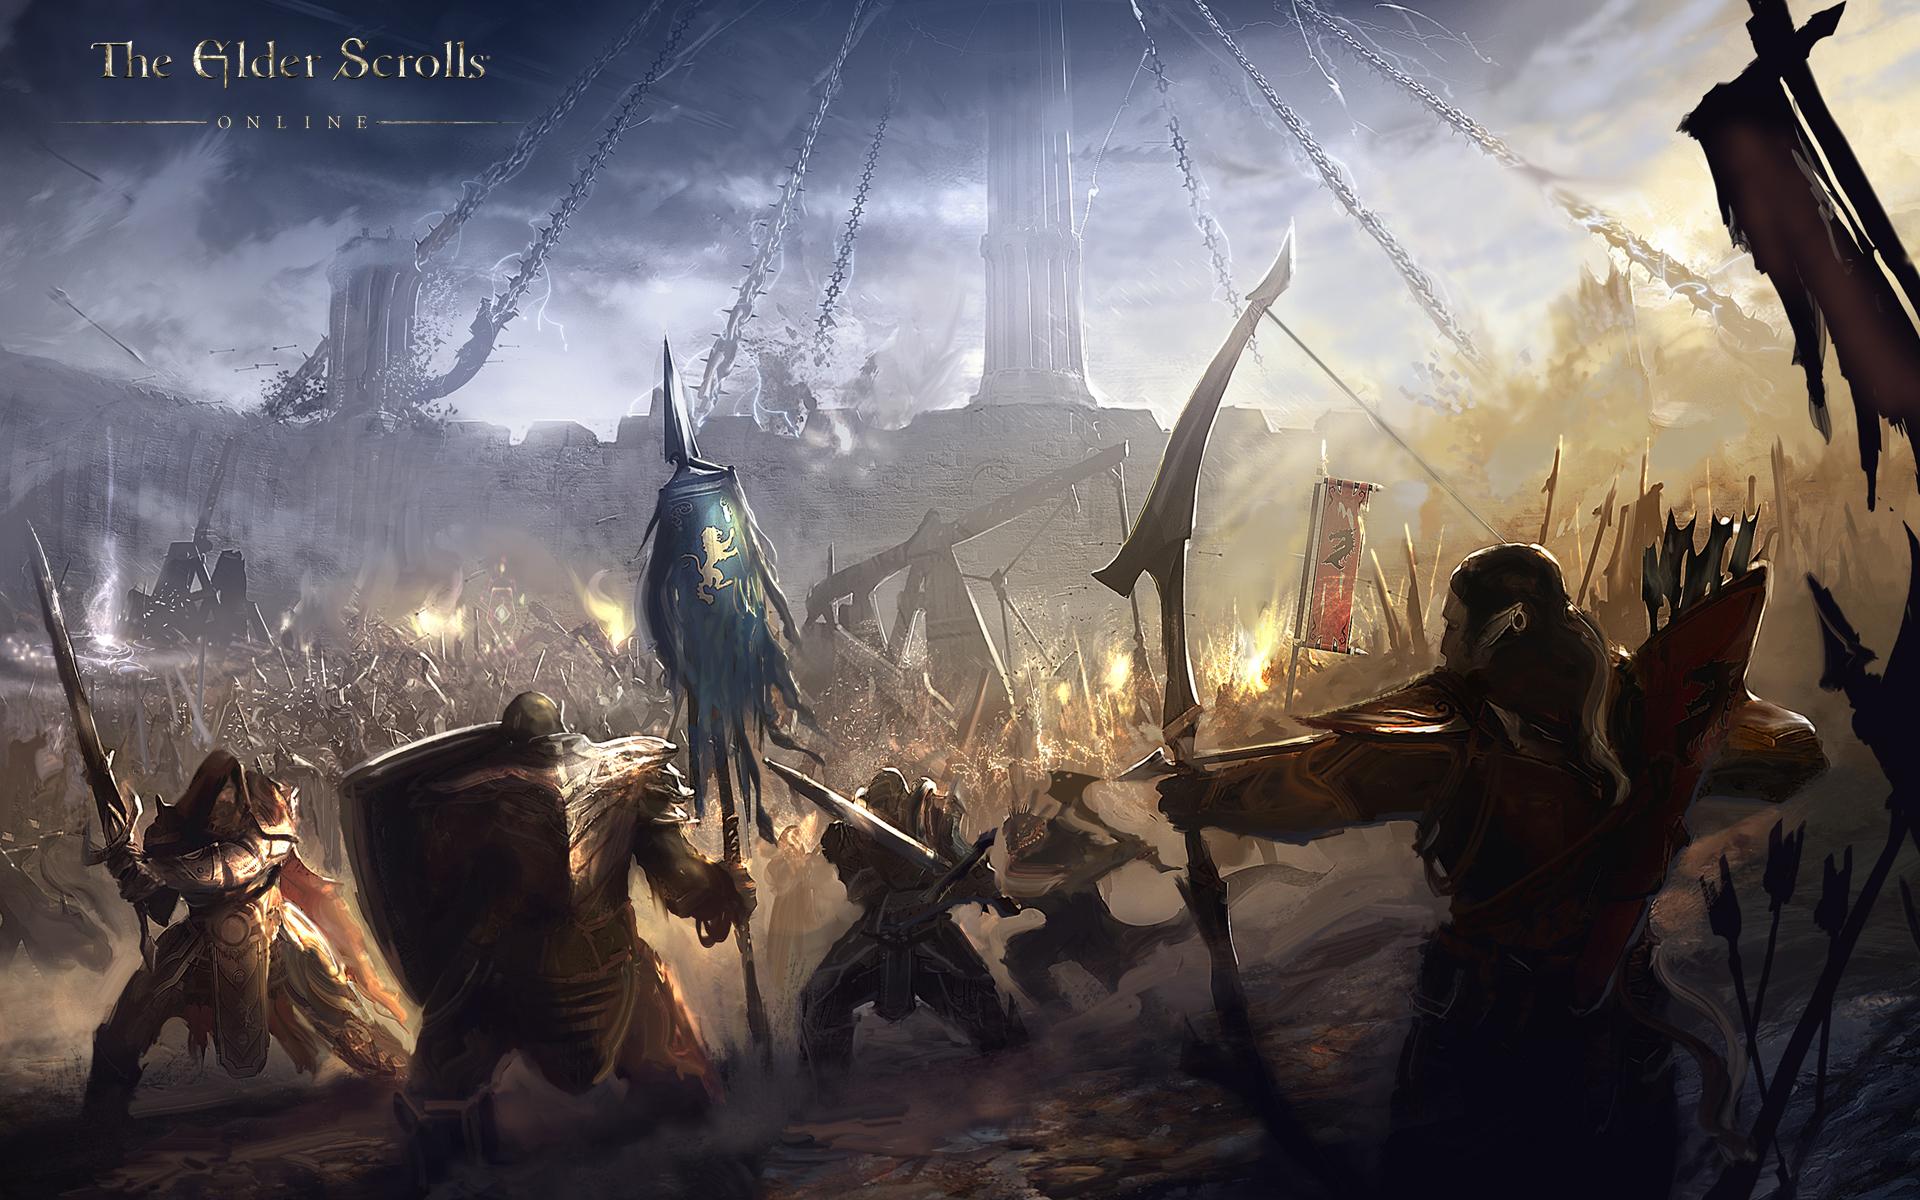 Обои The Elder Scrolls Online: Битва альянсов